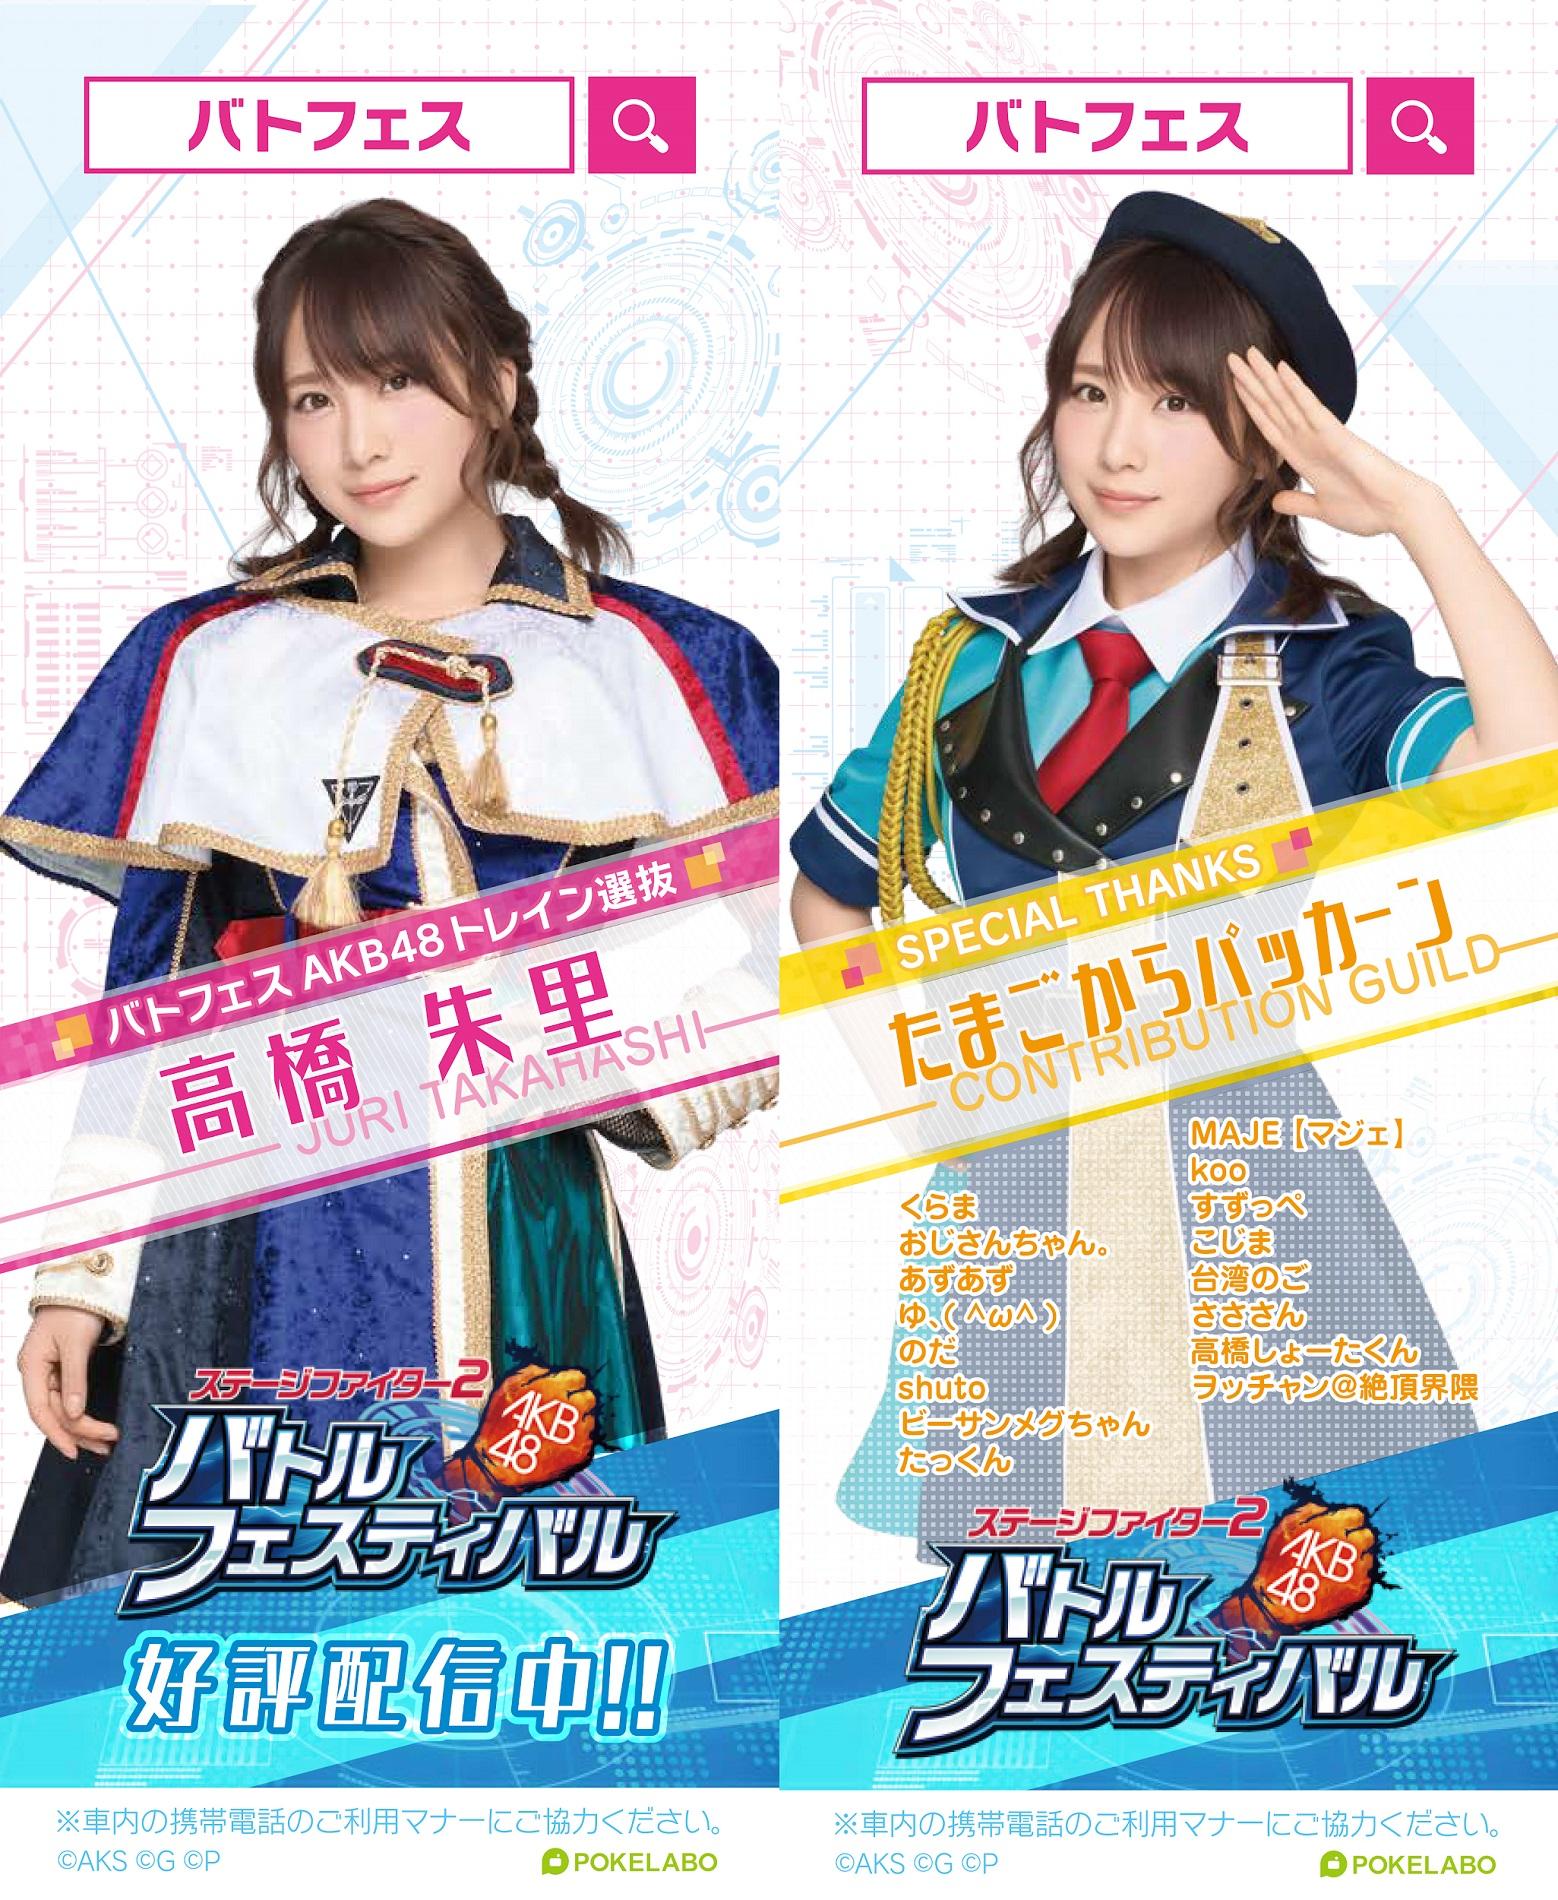 『AKB48ステージファイター2 バトルフェスティバル』ラッピングのJR山手線車両が運行開始!